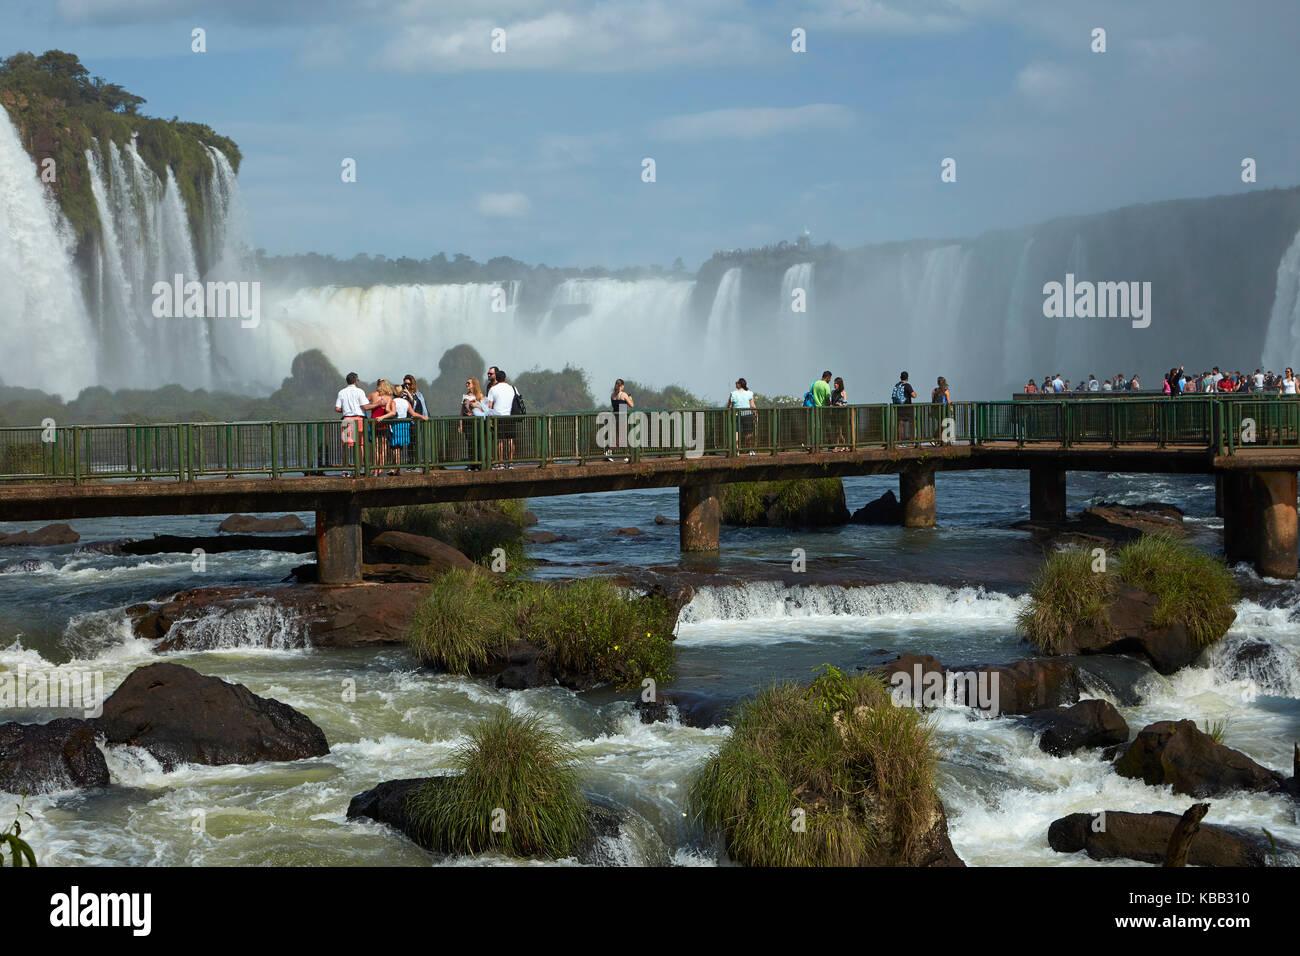 Touristes sur la plate-forme d'observation du côté Brésil des chutes d'Iguazu, Brésil - frontière Argentine, Amérique du Sud Banque D'Images